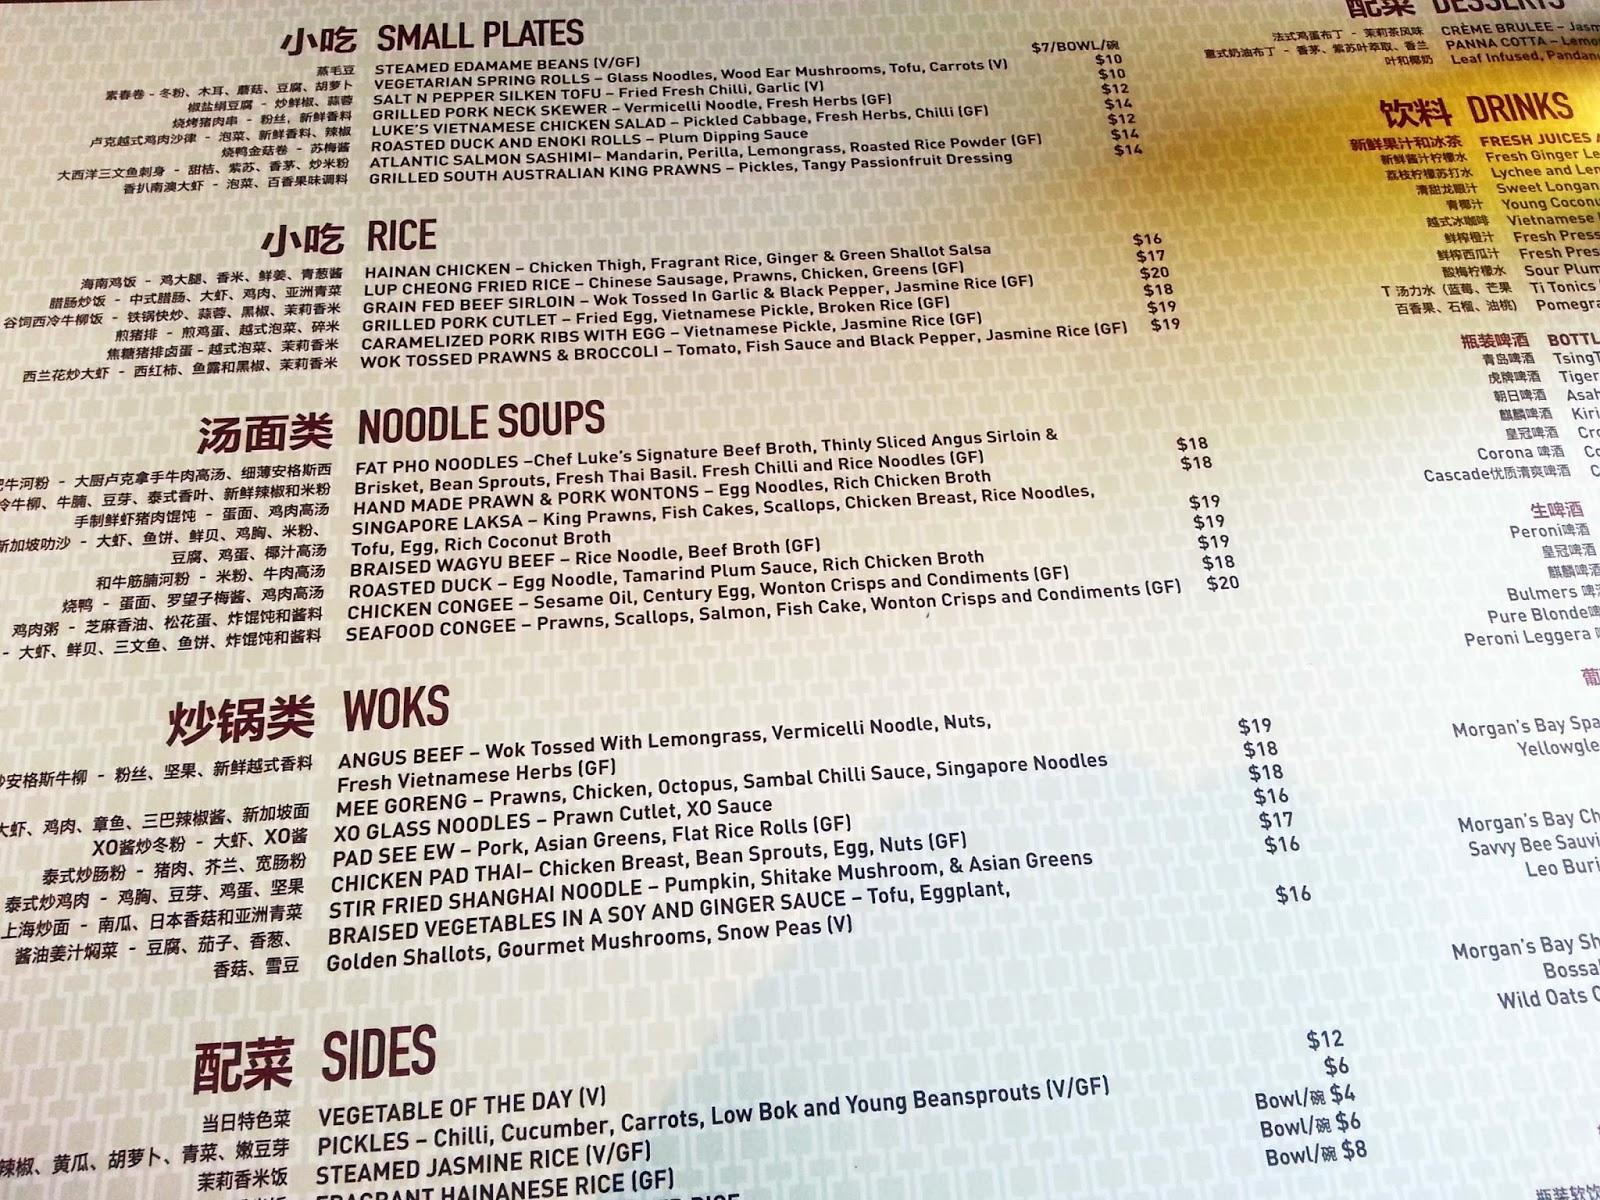 Brisbane casino lunch menu